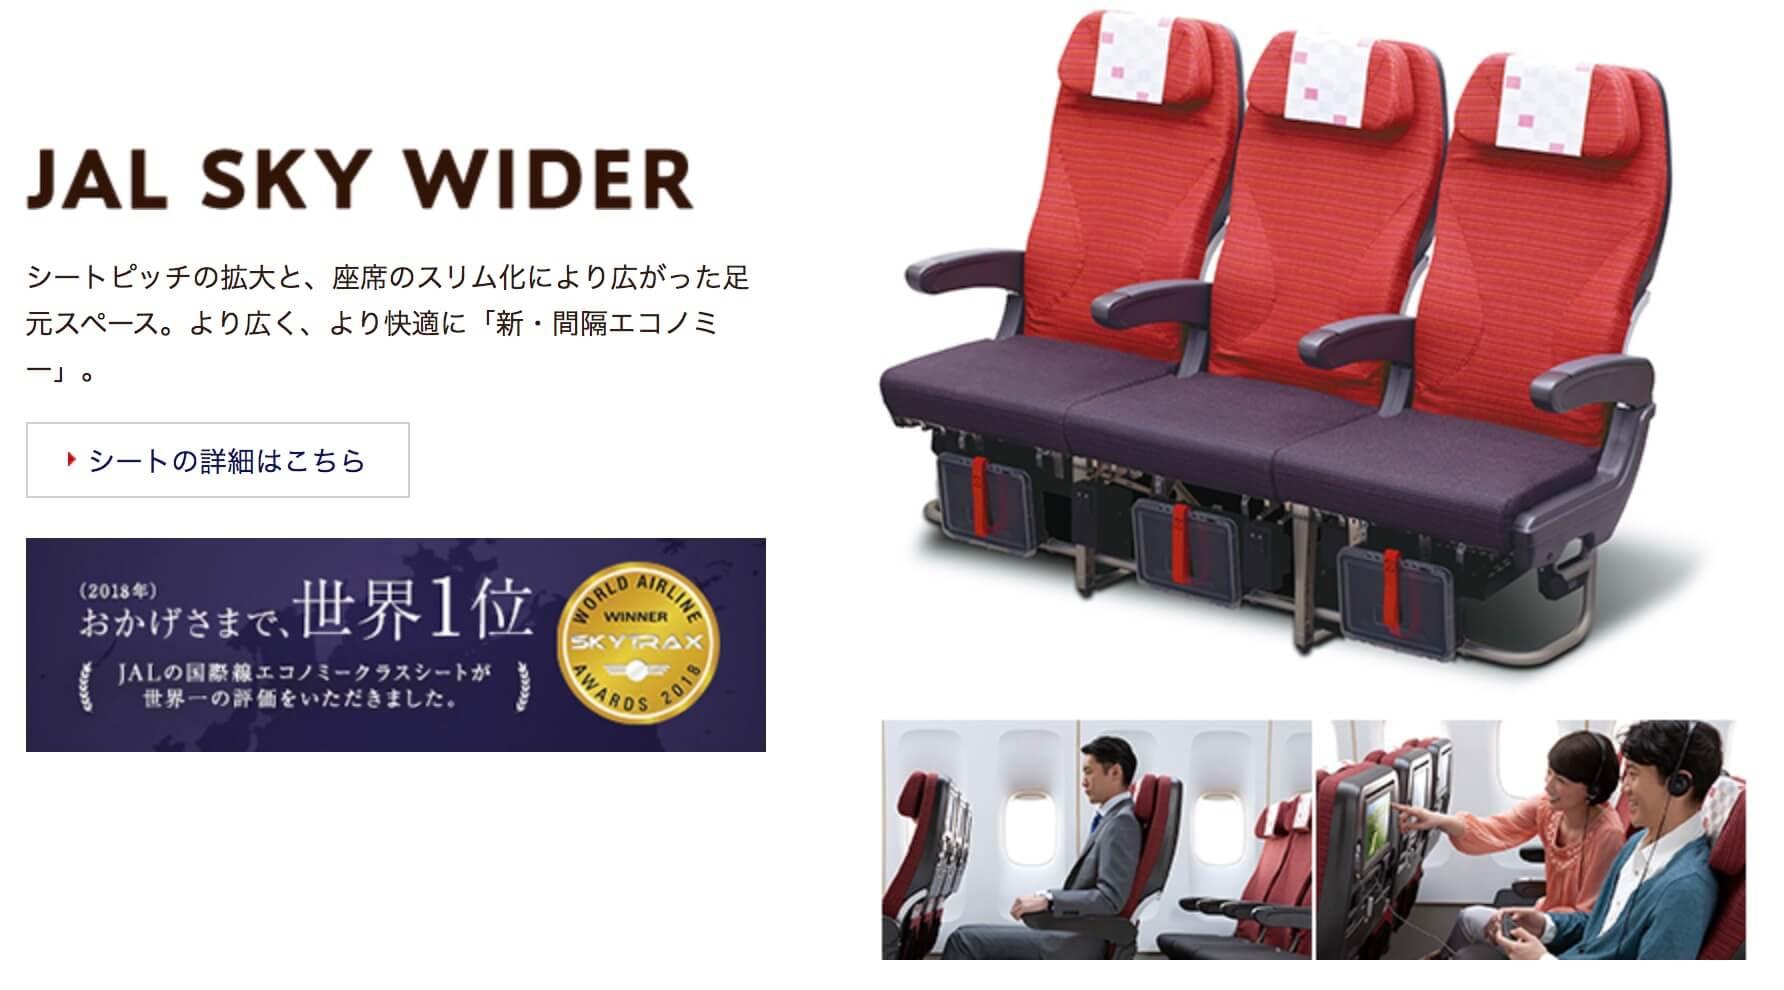 JAL国際線エコノミーは世界一のJALスカイワイダー